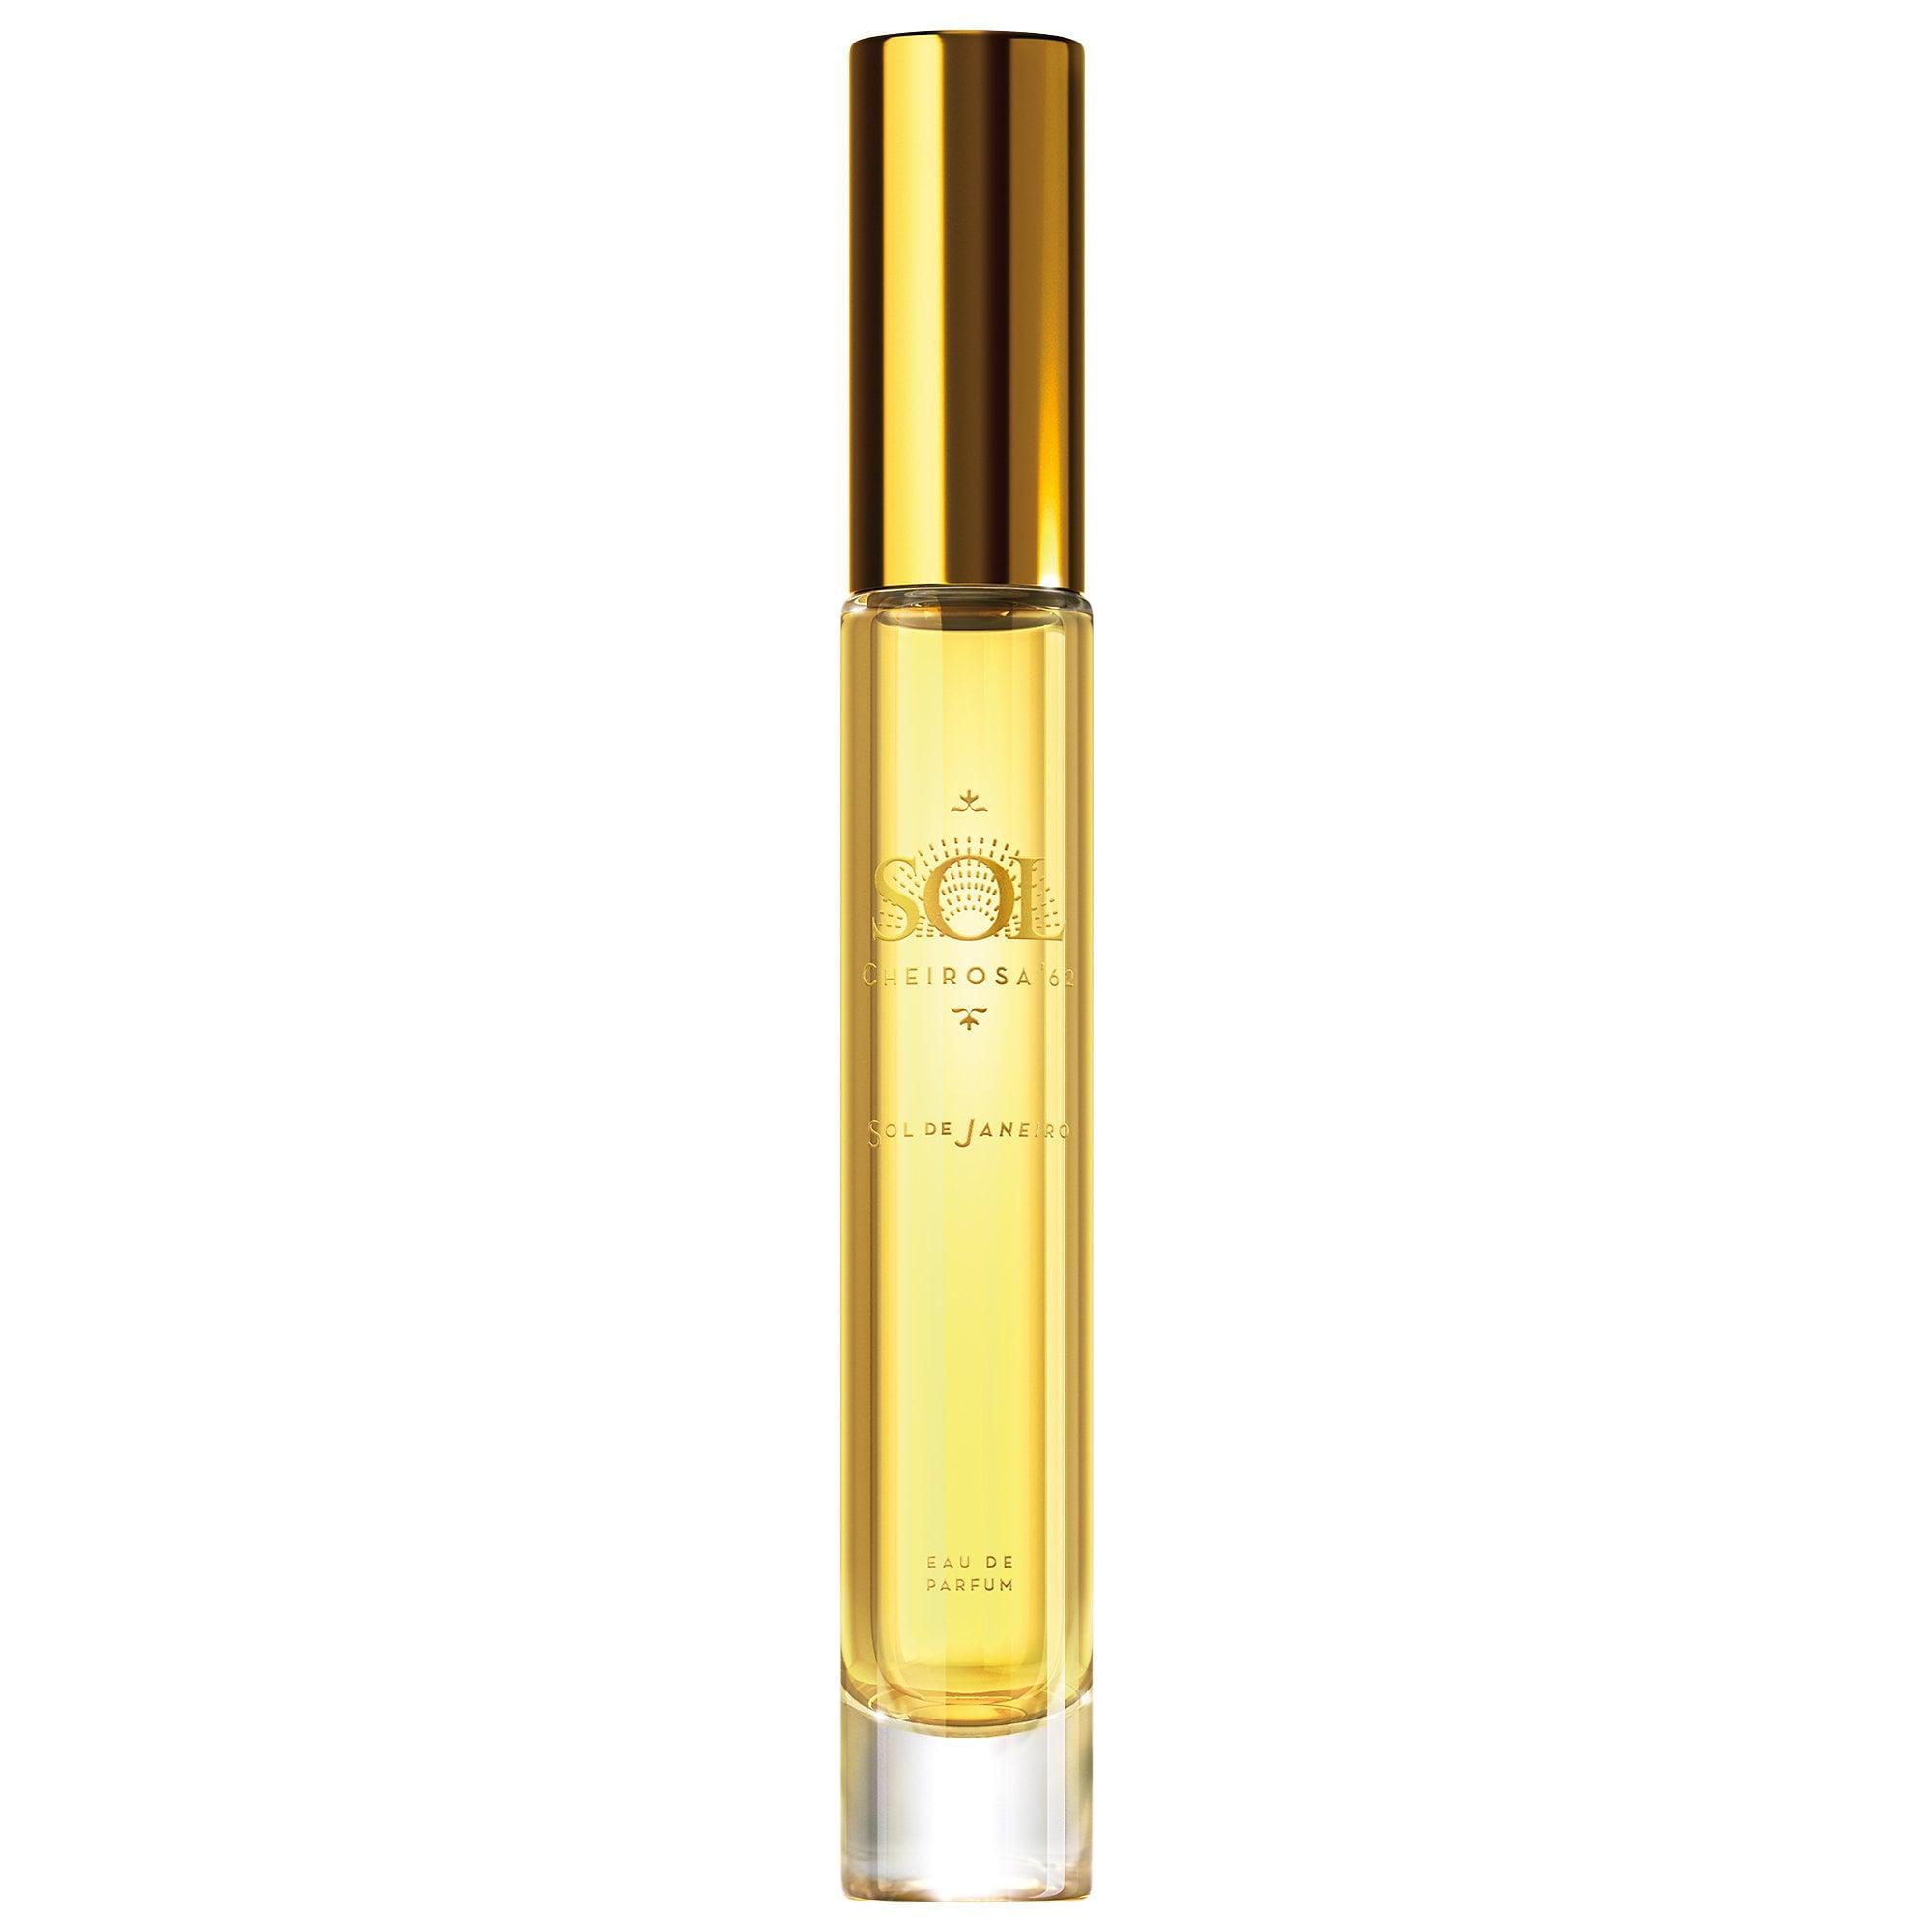 Sol De Janeiro - Mini SOL Cheirosa '62 Eau de Parfum